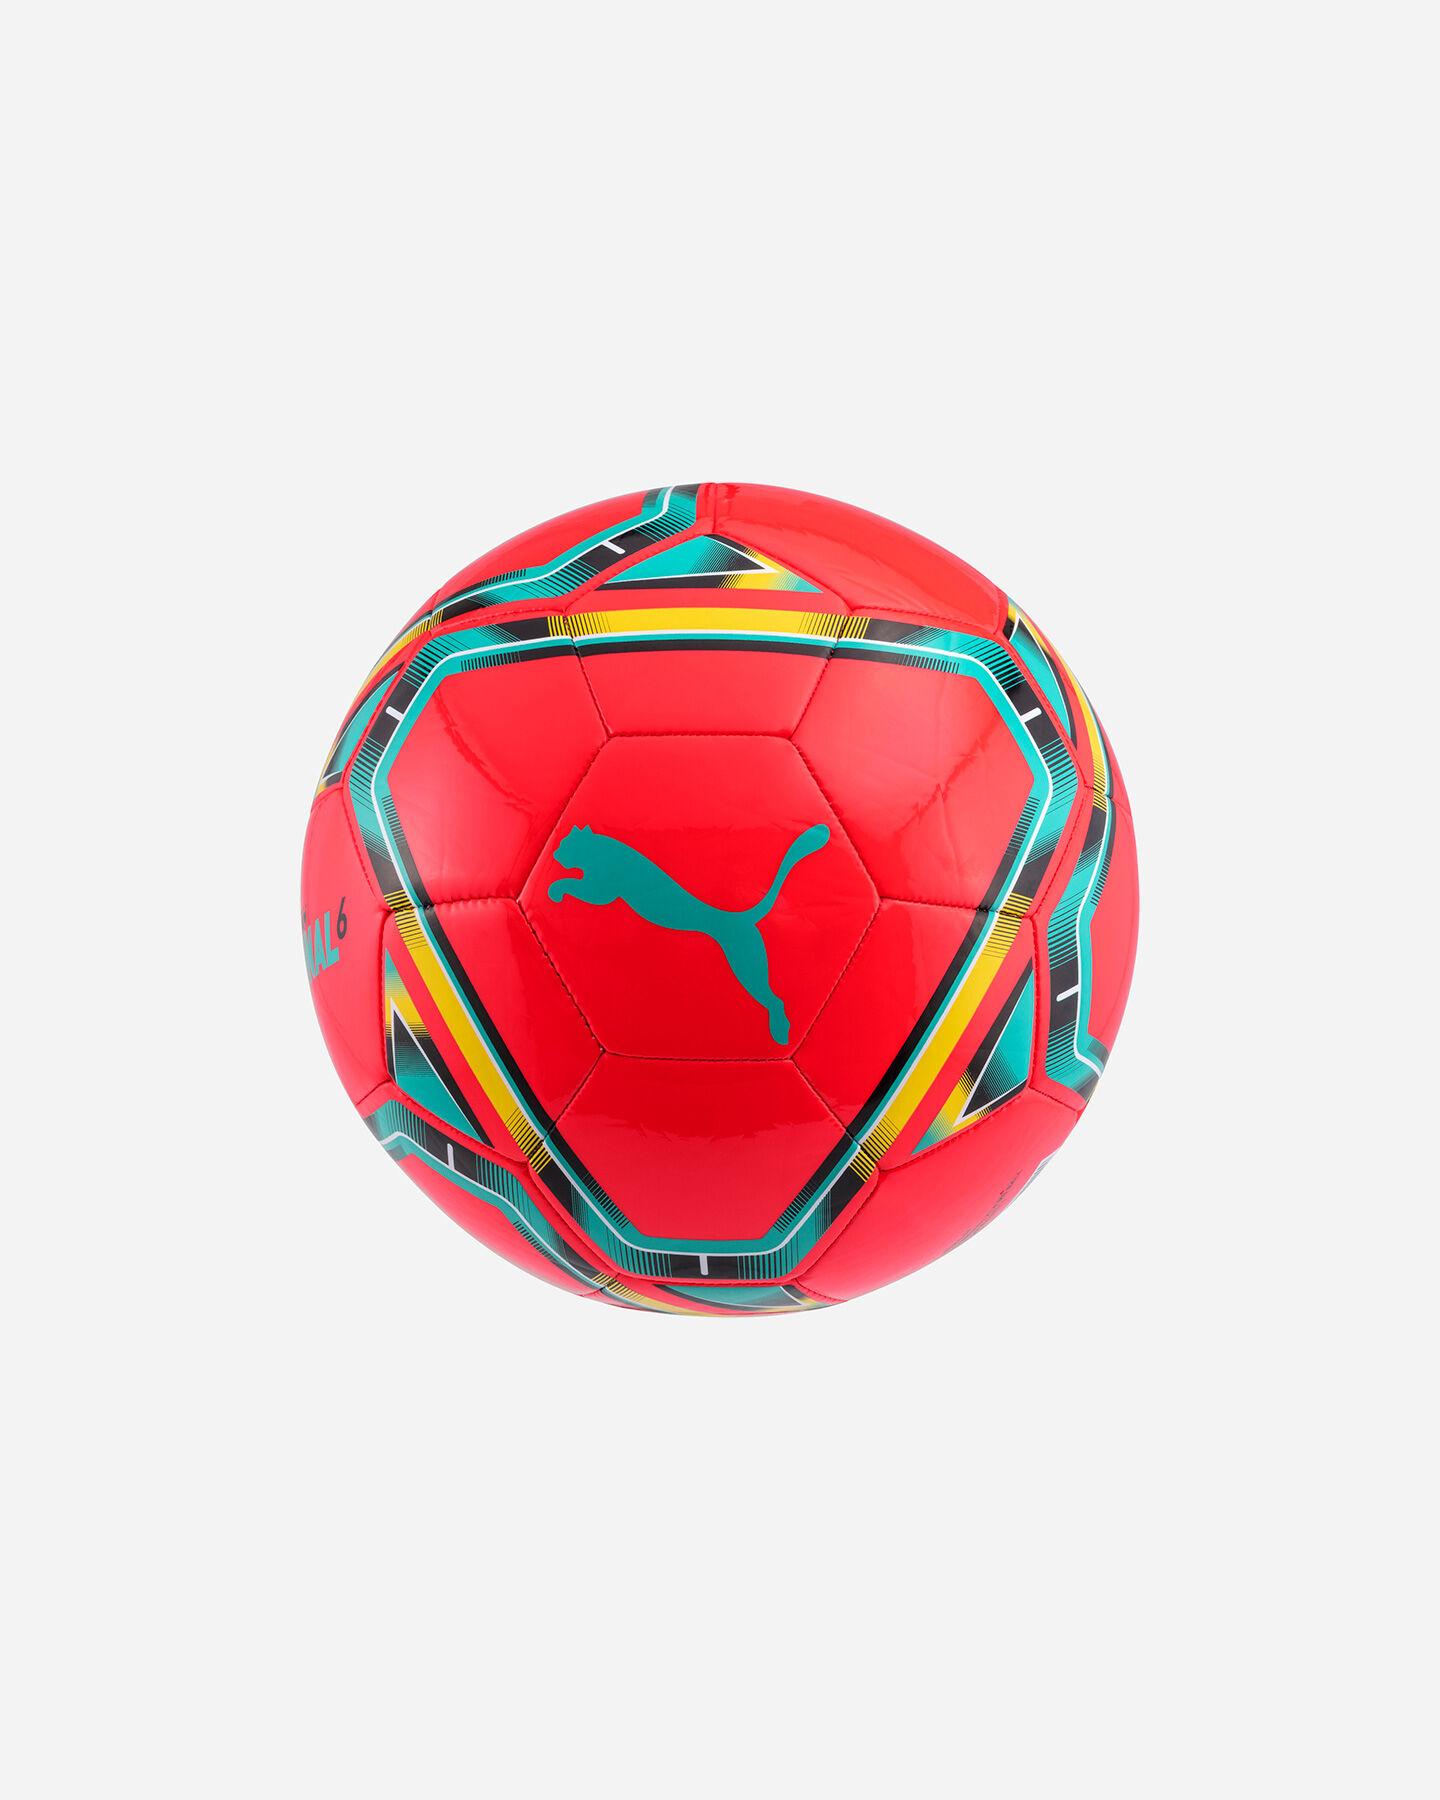 Pallone calcio PUMA FINAL 21.6 SIZE 5 S4097158 scatto 0